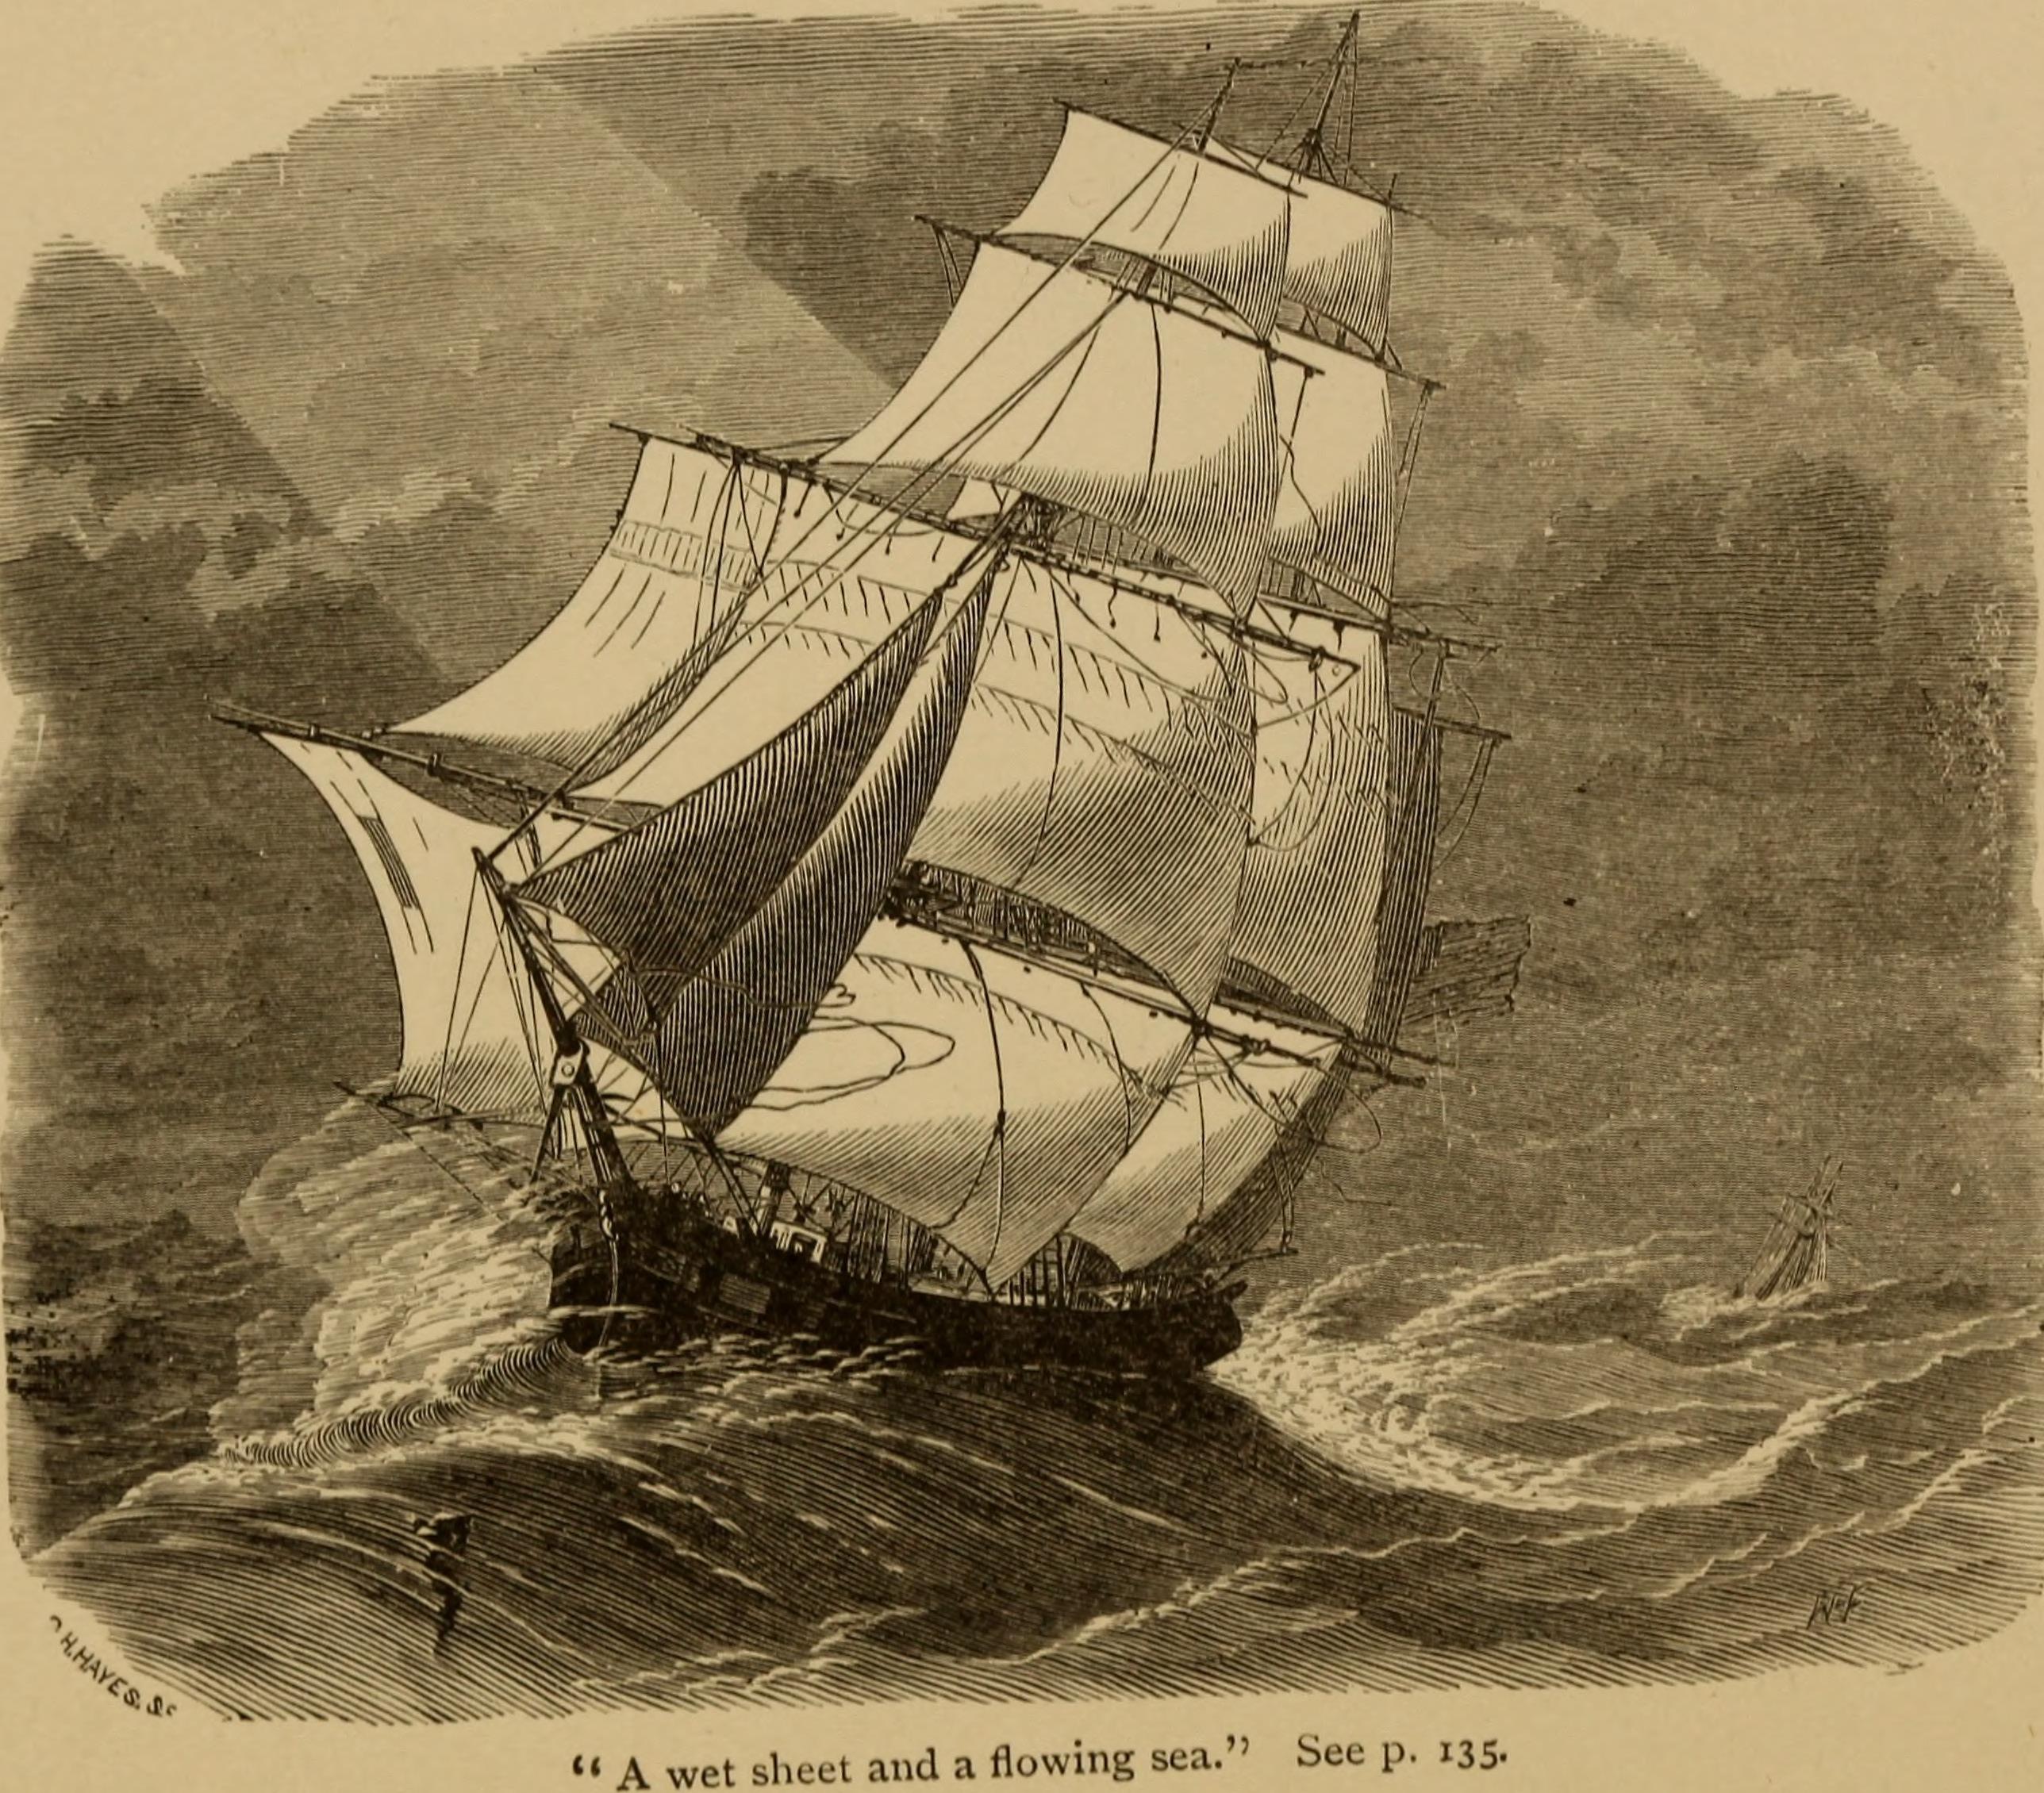 File:Ballads and lyrics (1880) (14781420102).jpg - Wikimedia Commons